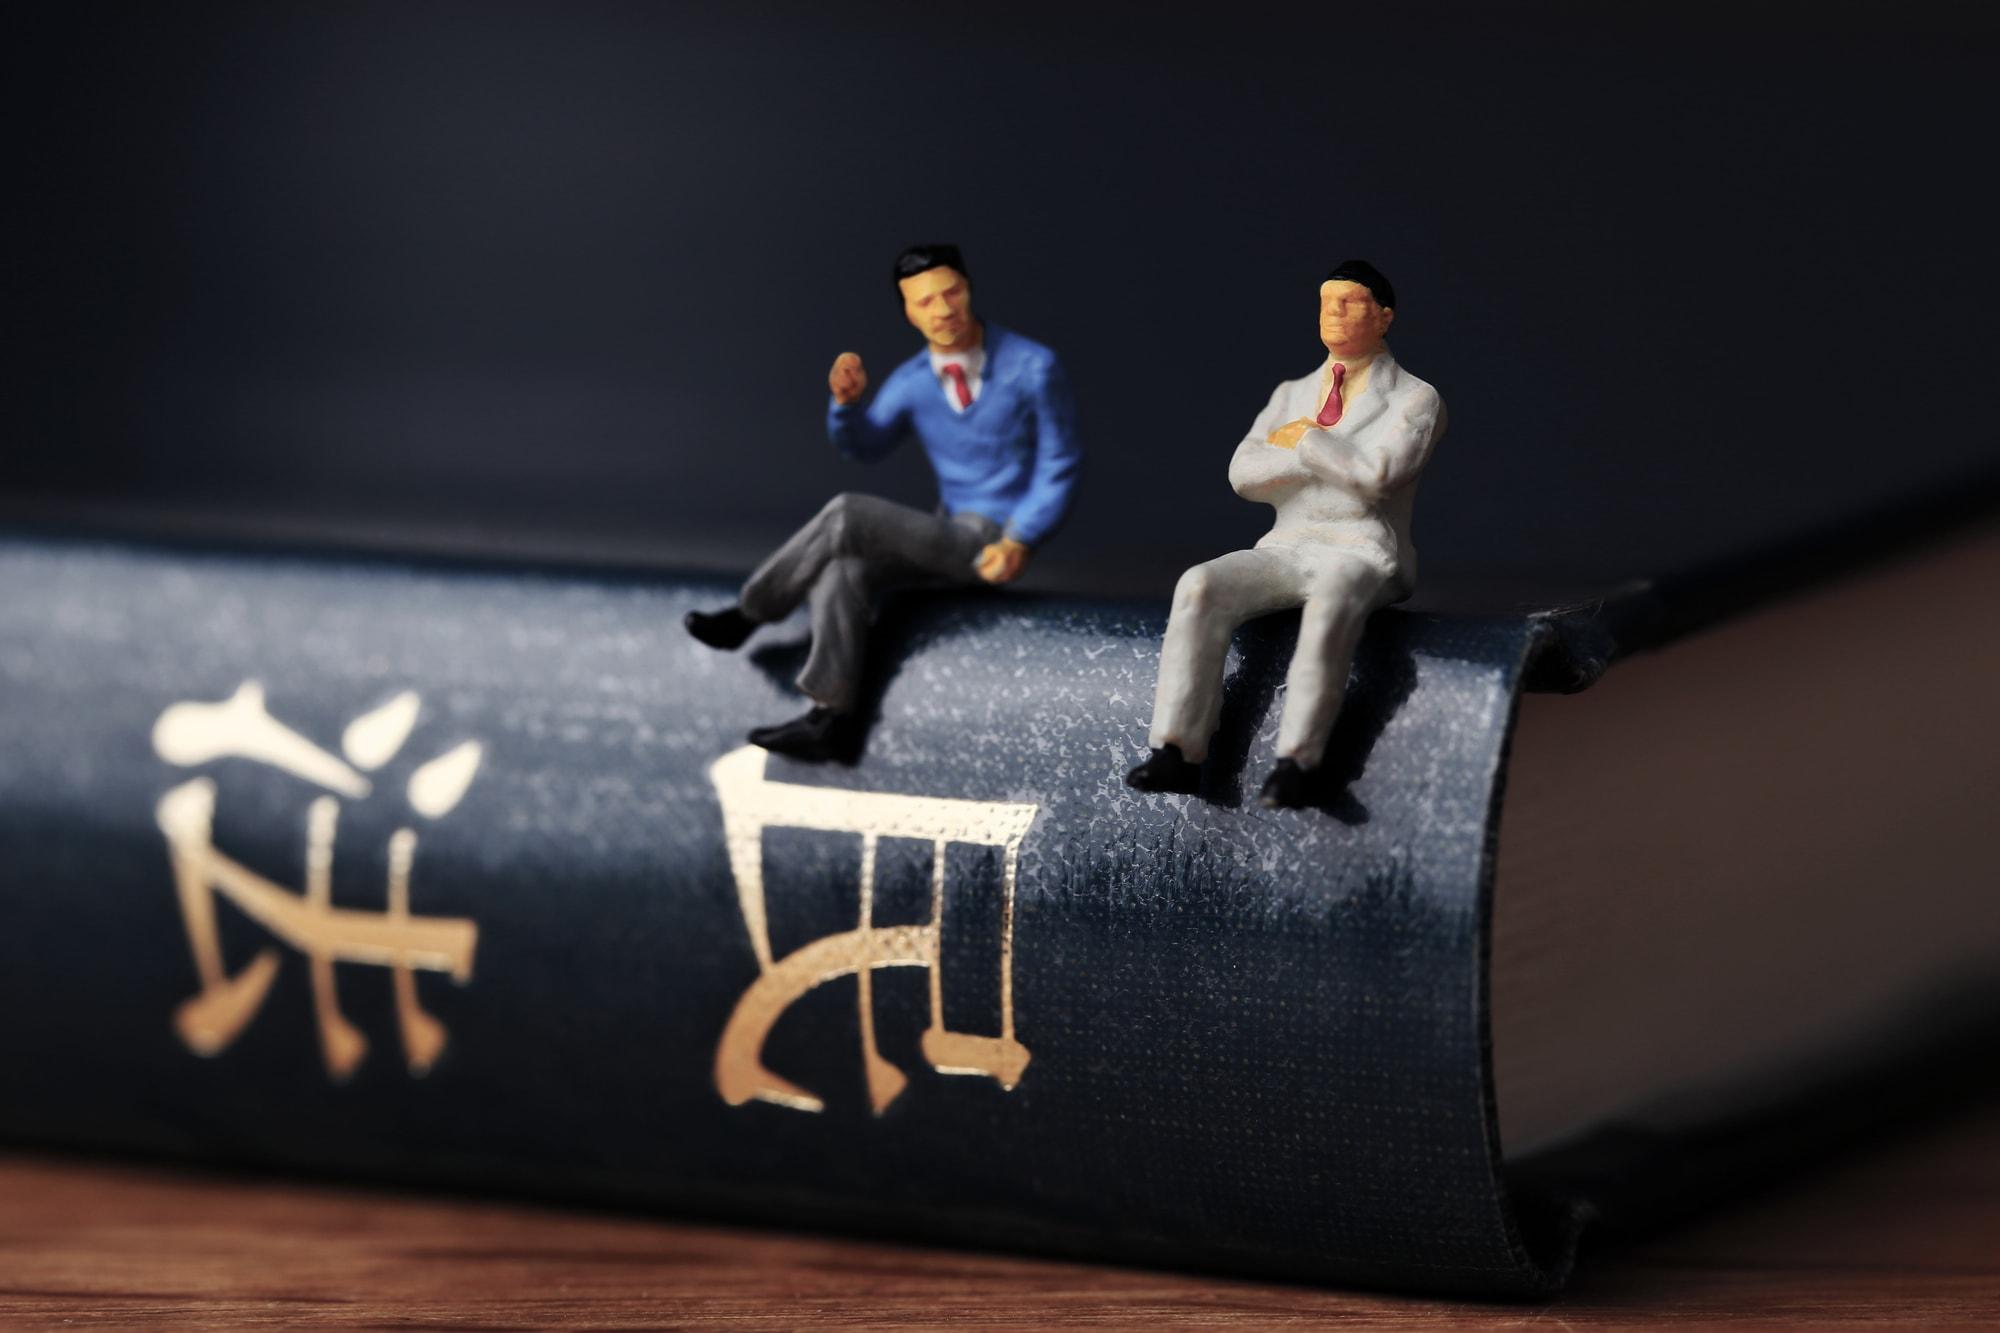 諾成契約は民法改正でどう変わる?変更点と注意点を解説